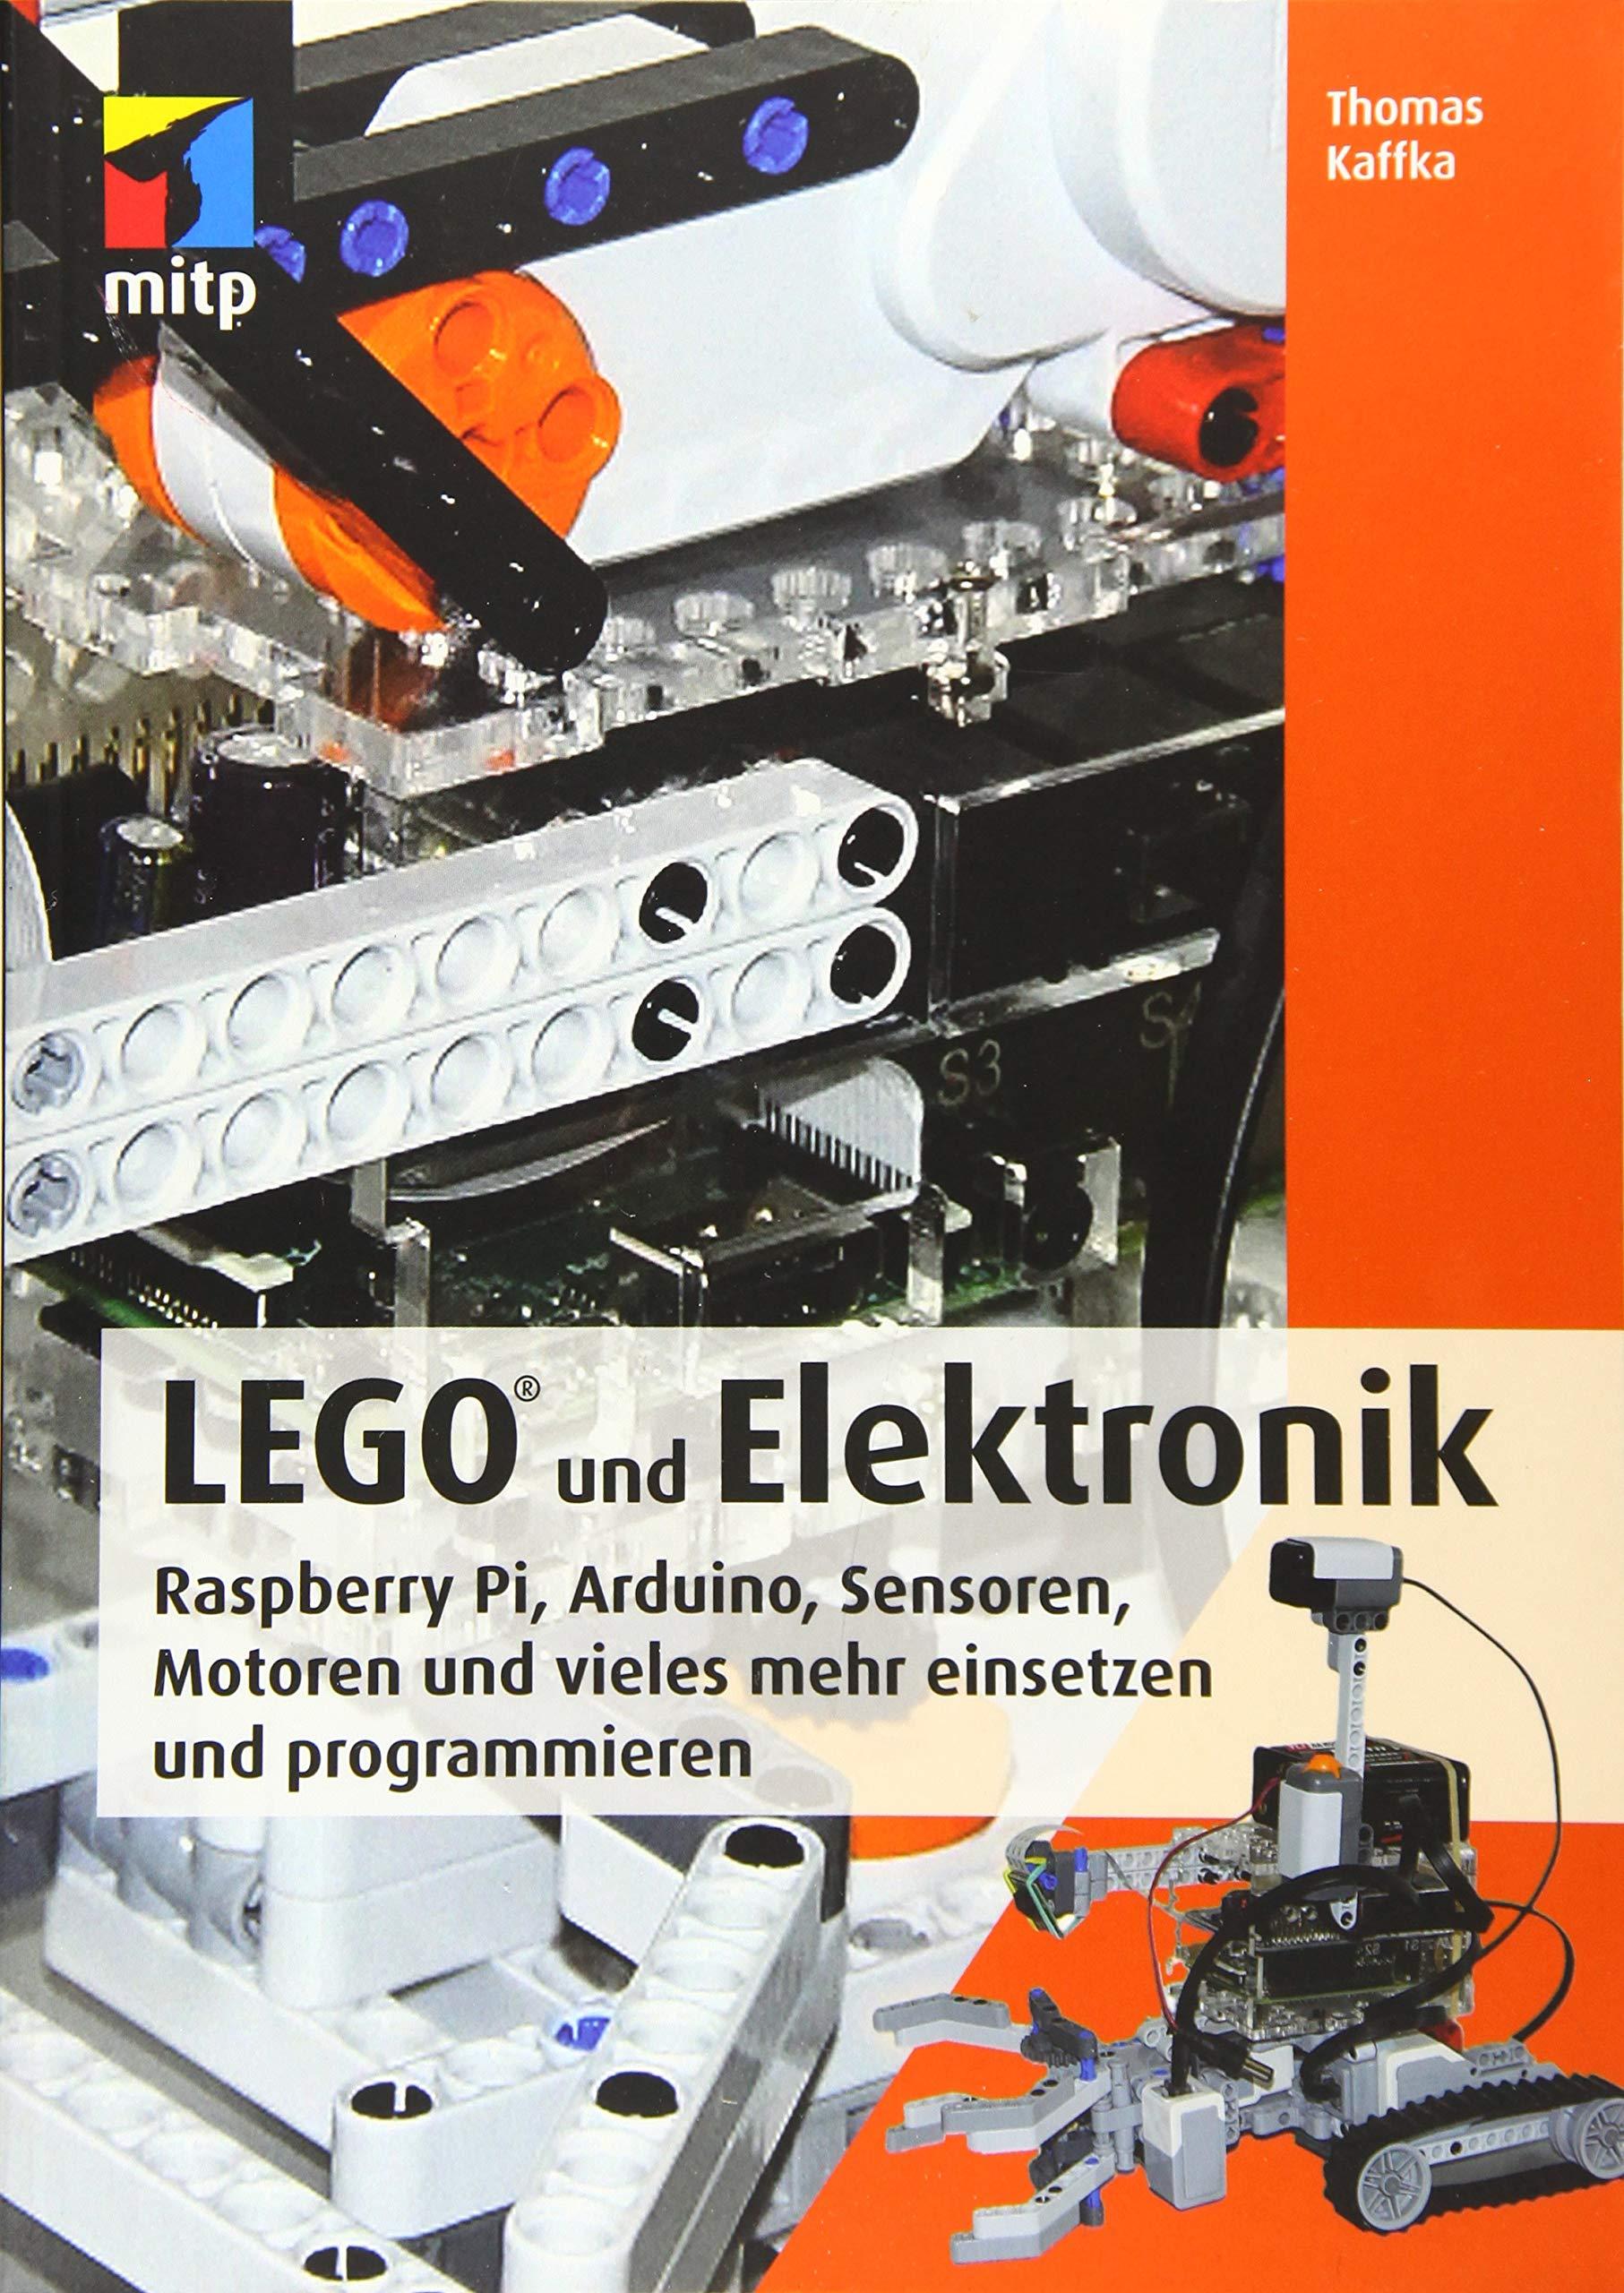 LEGO® Und Elektronik  Raspberry Pi Arduino Sensoren Motoren Und Vieles Mehr Einsetzen Und Programmieren  Mitp Professional